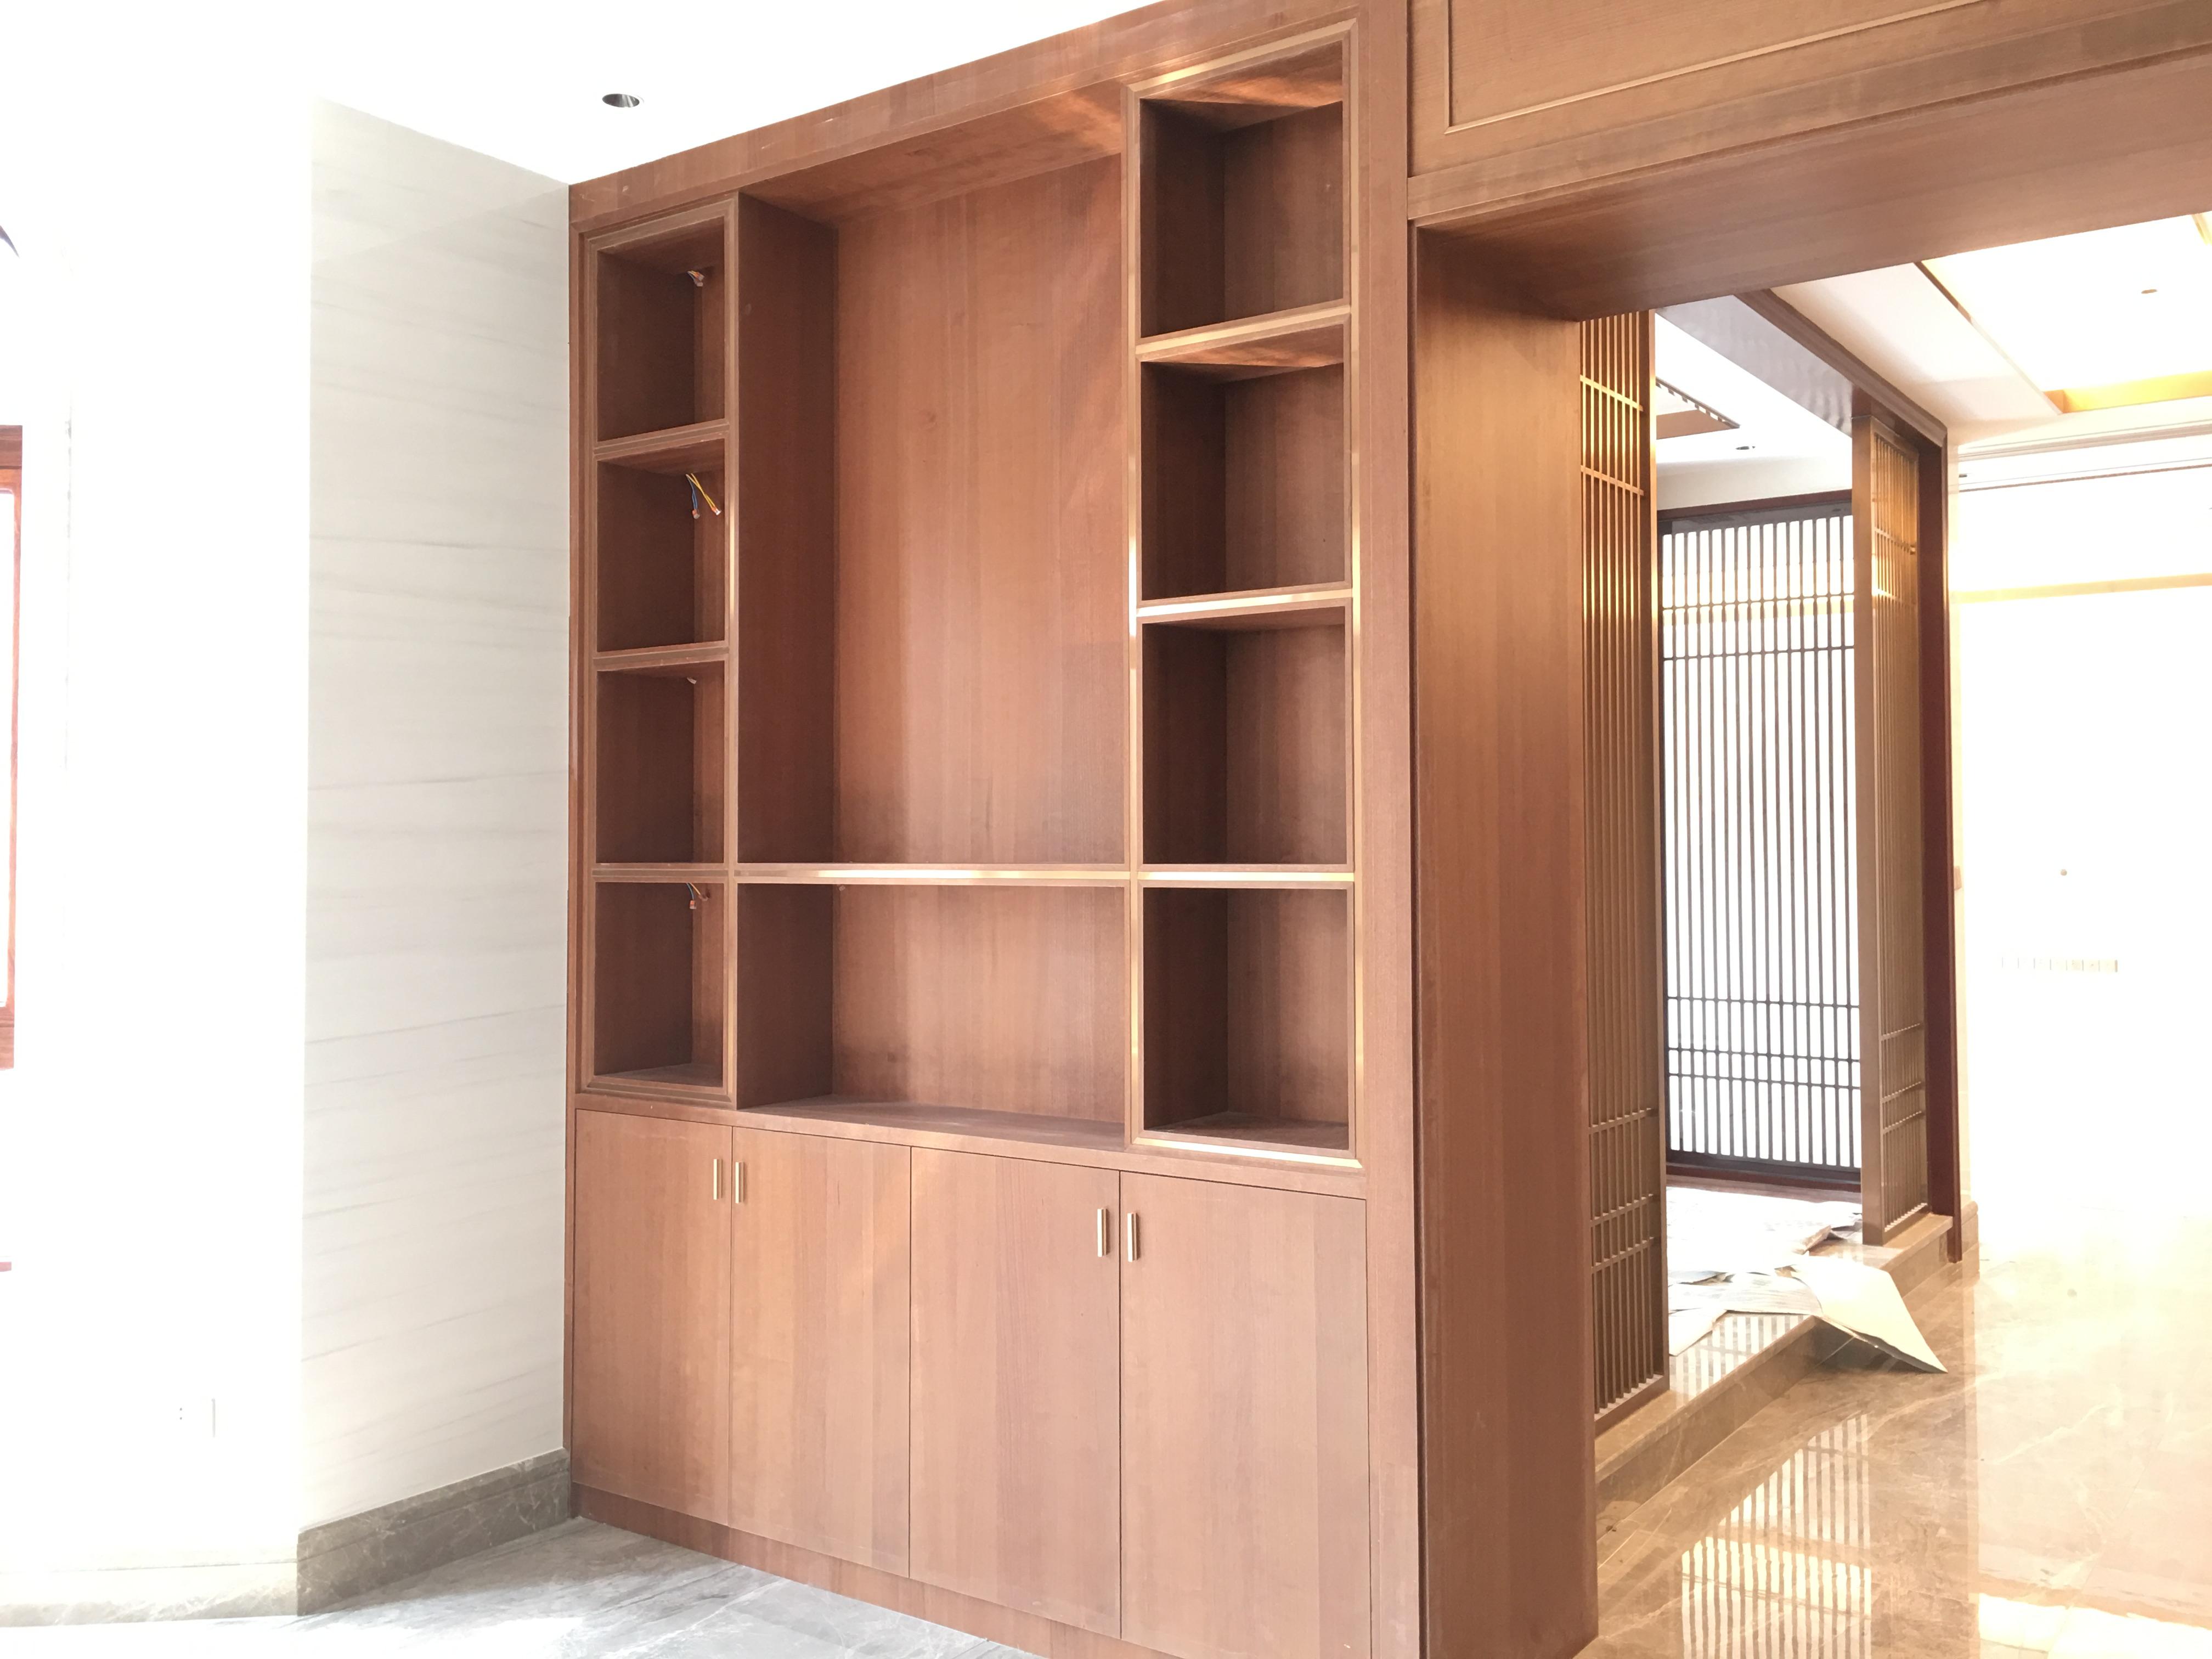 新房装修,柜子是找装修公司现场制作还是定制?-标典装饰